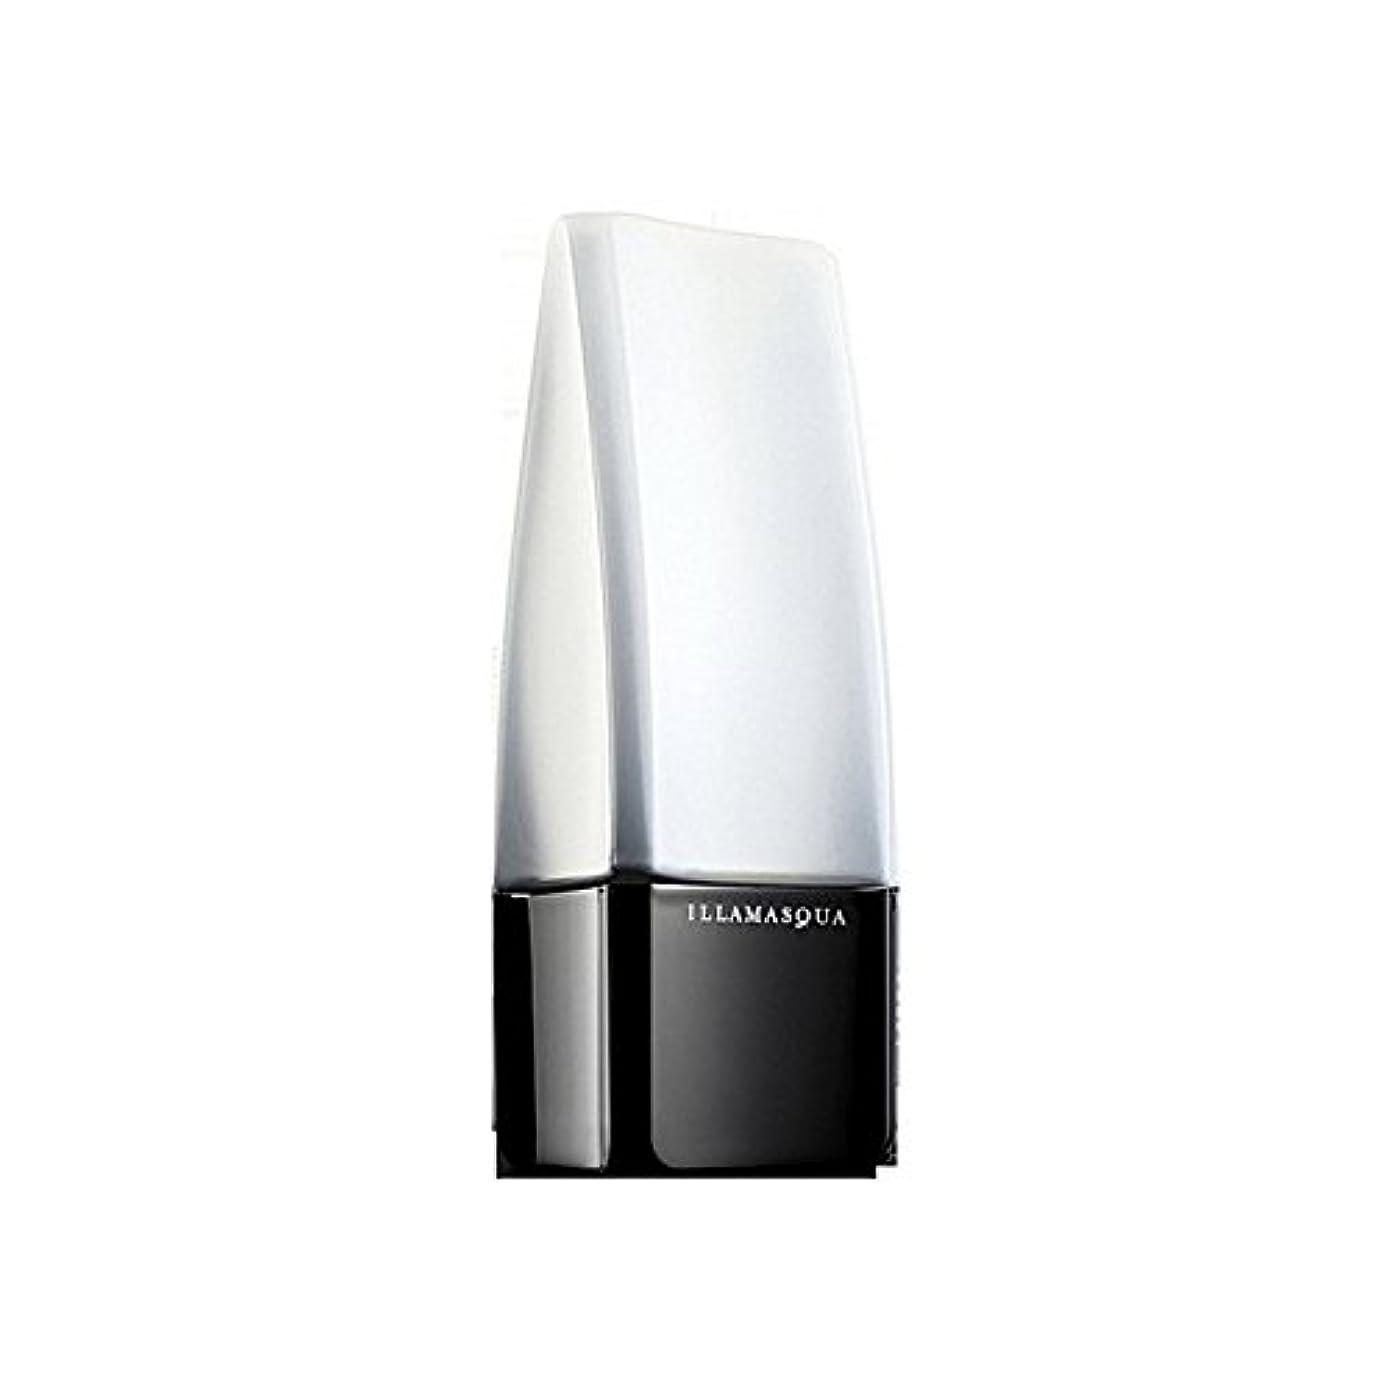 やるソフィージョリーマットプライマー 20 30ミリリットル x4 - Illamasqua Matt Primer Spf 20 30ml (Pack of 4) [並行輸入品]